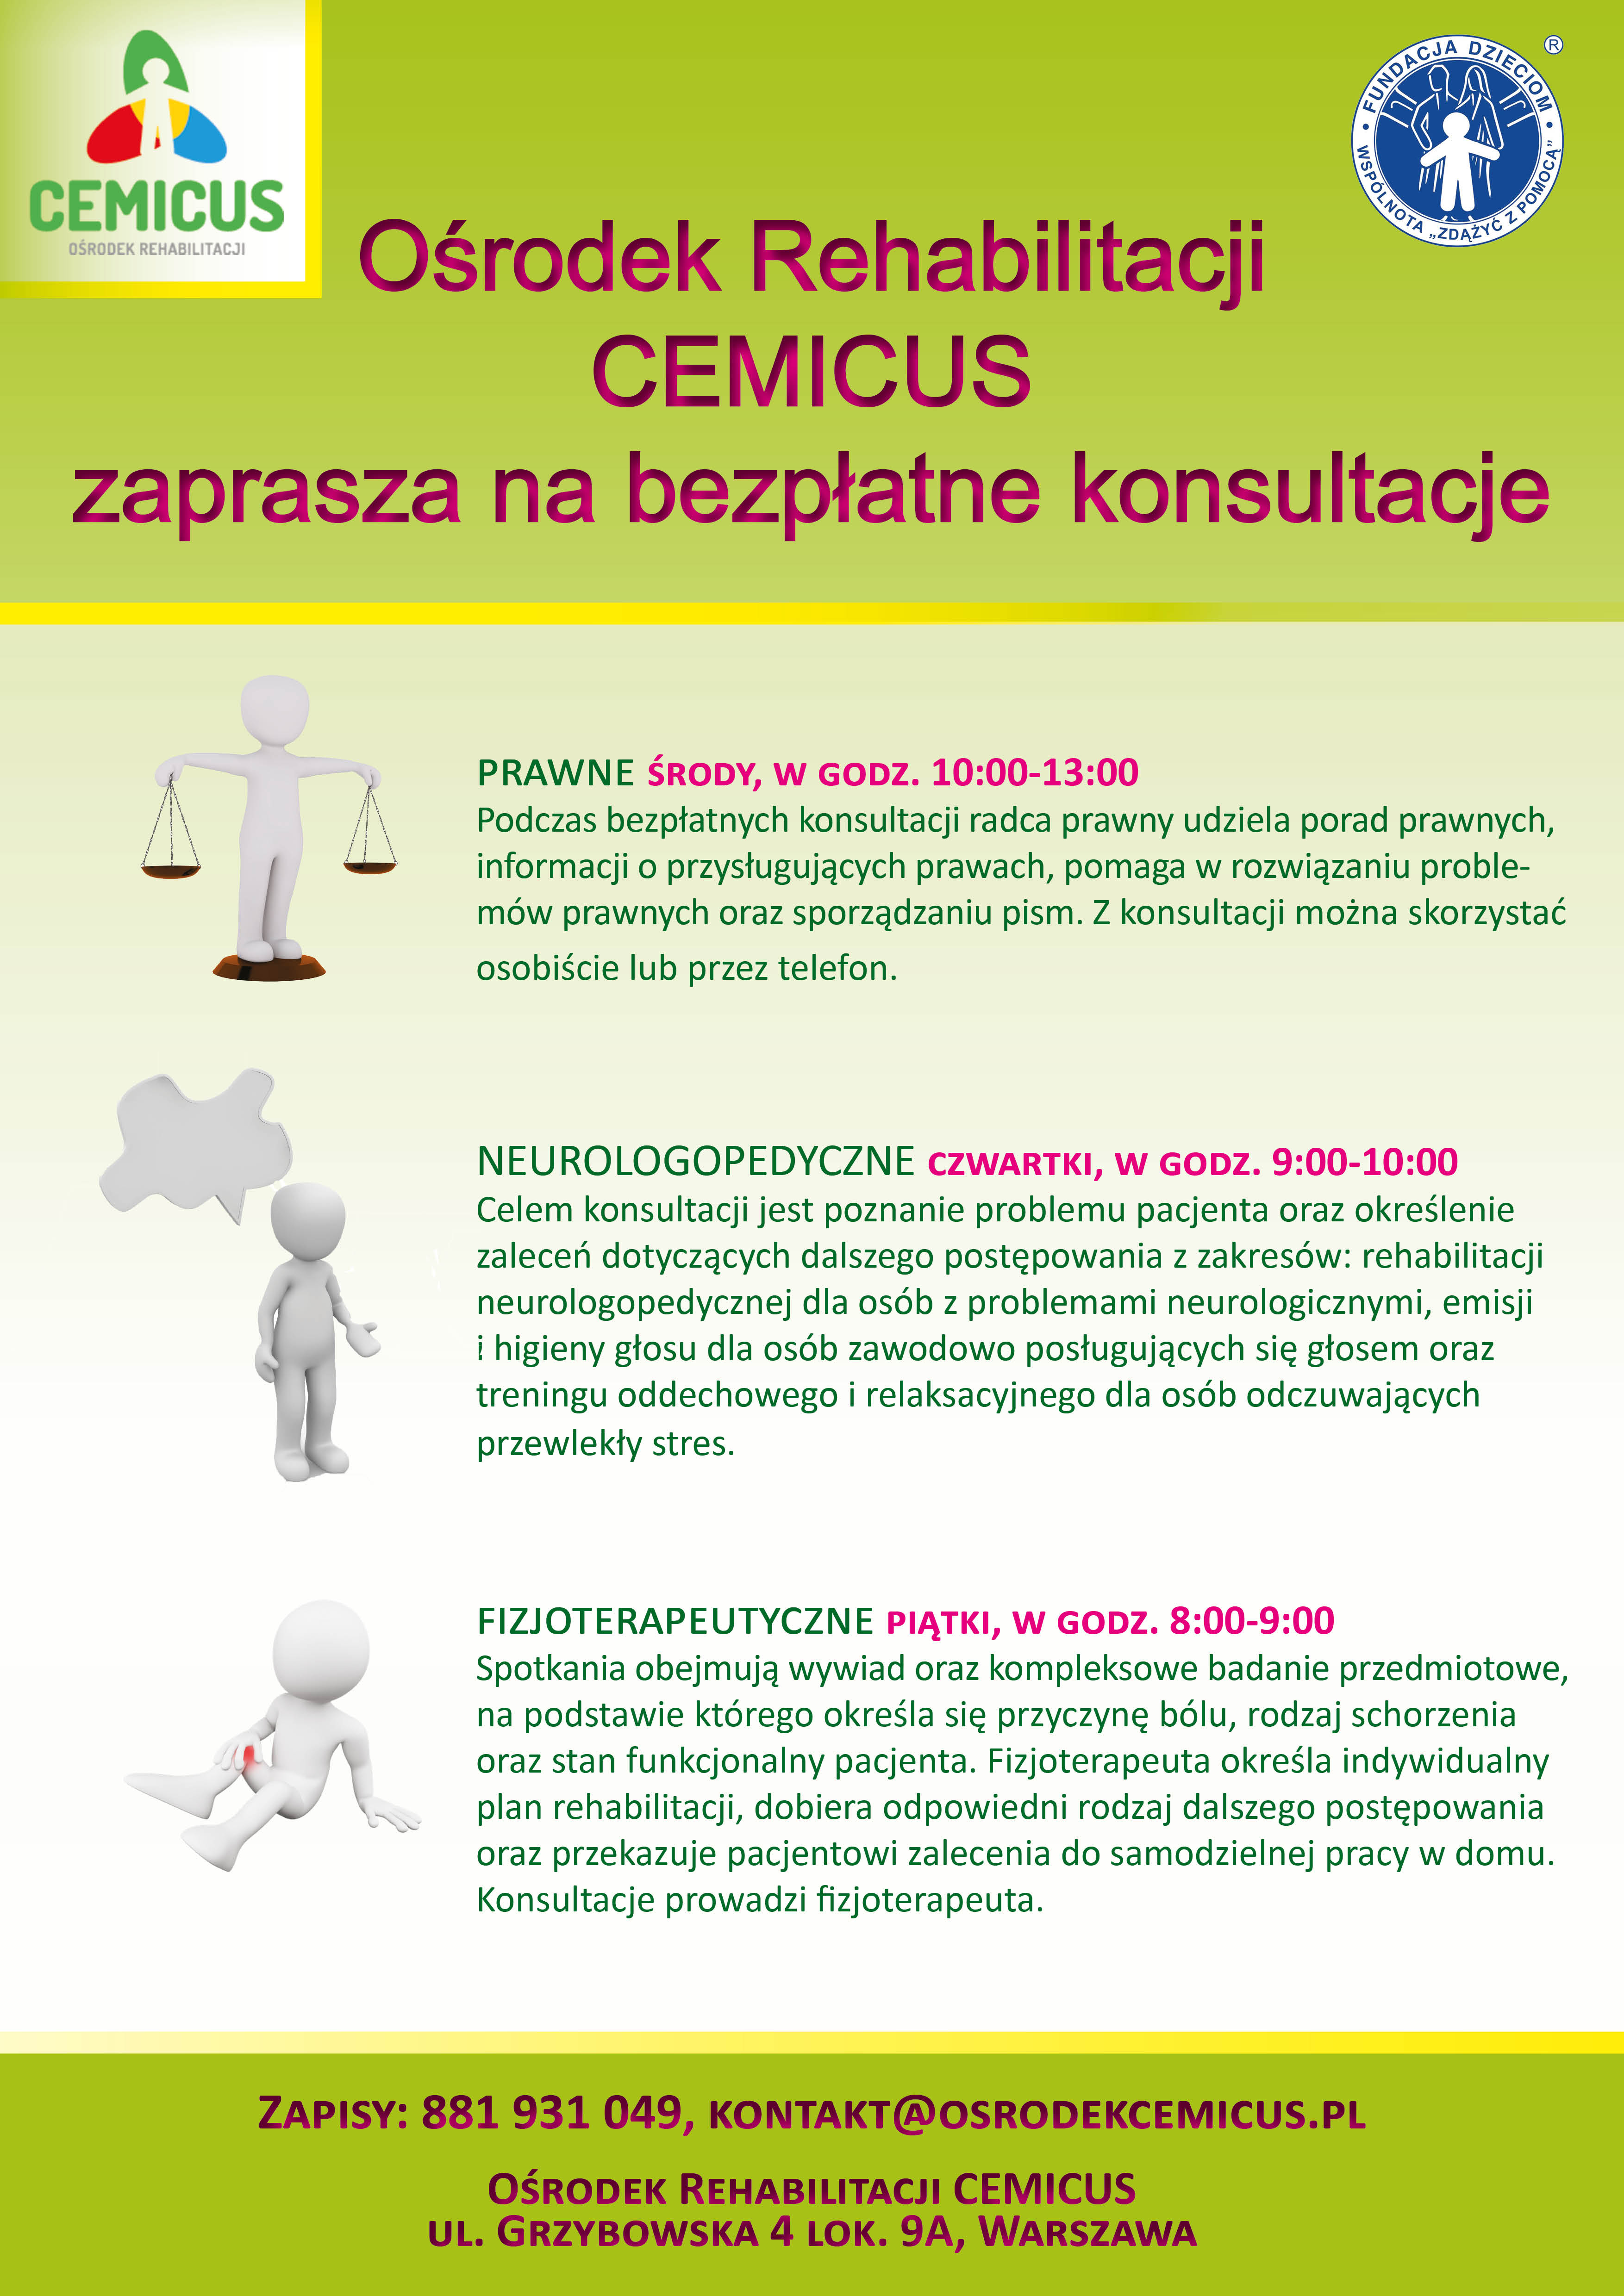 bezplatne zajecia_cemicus2